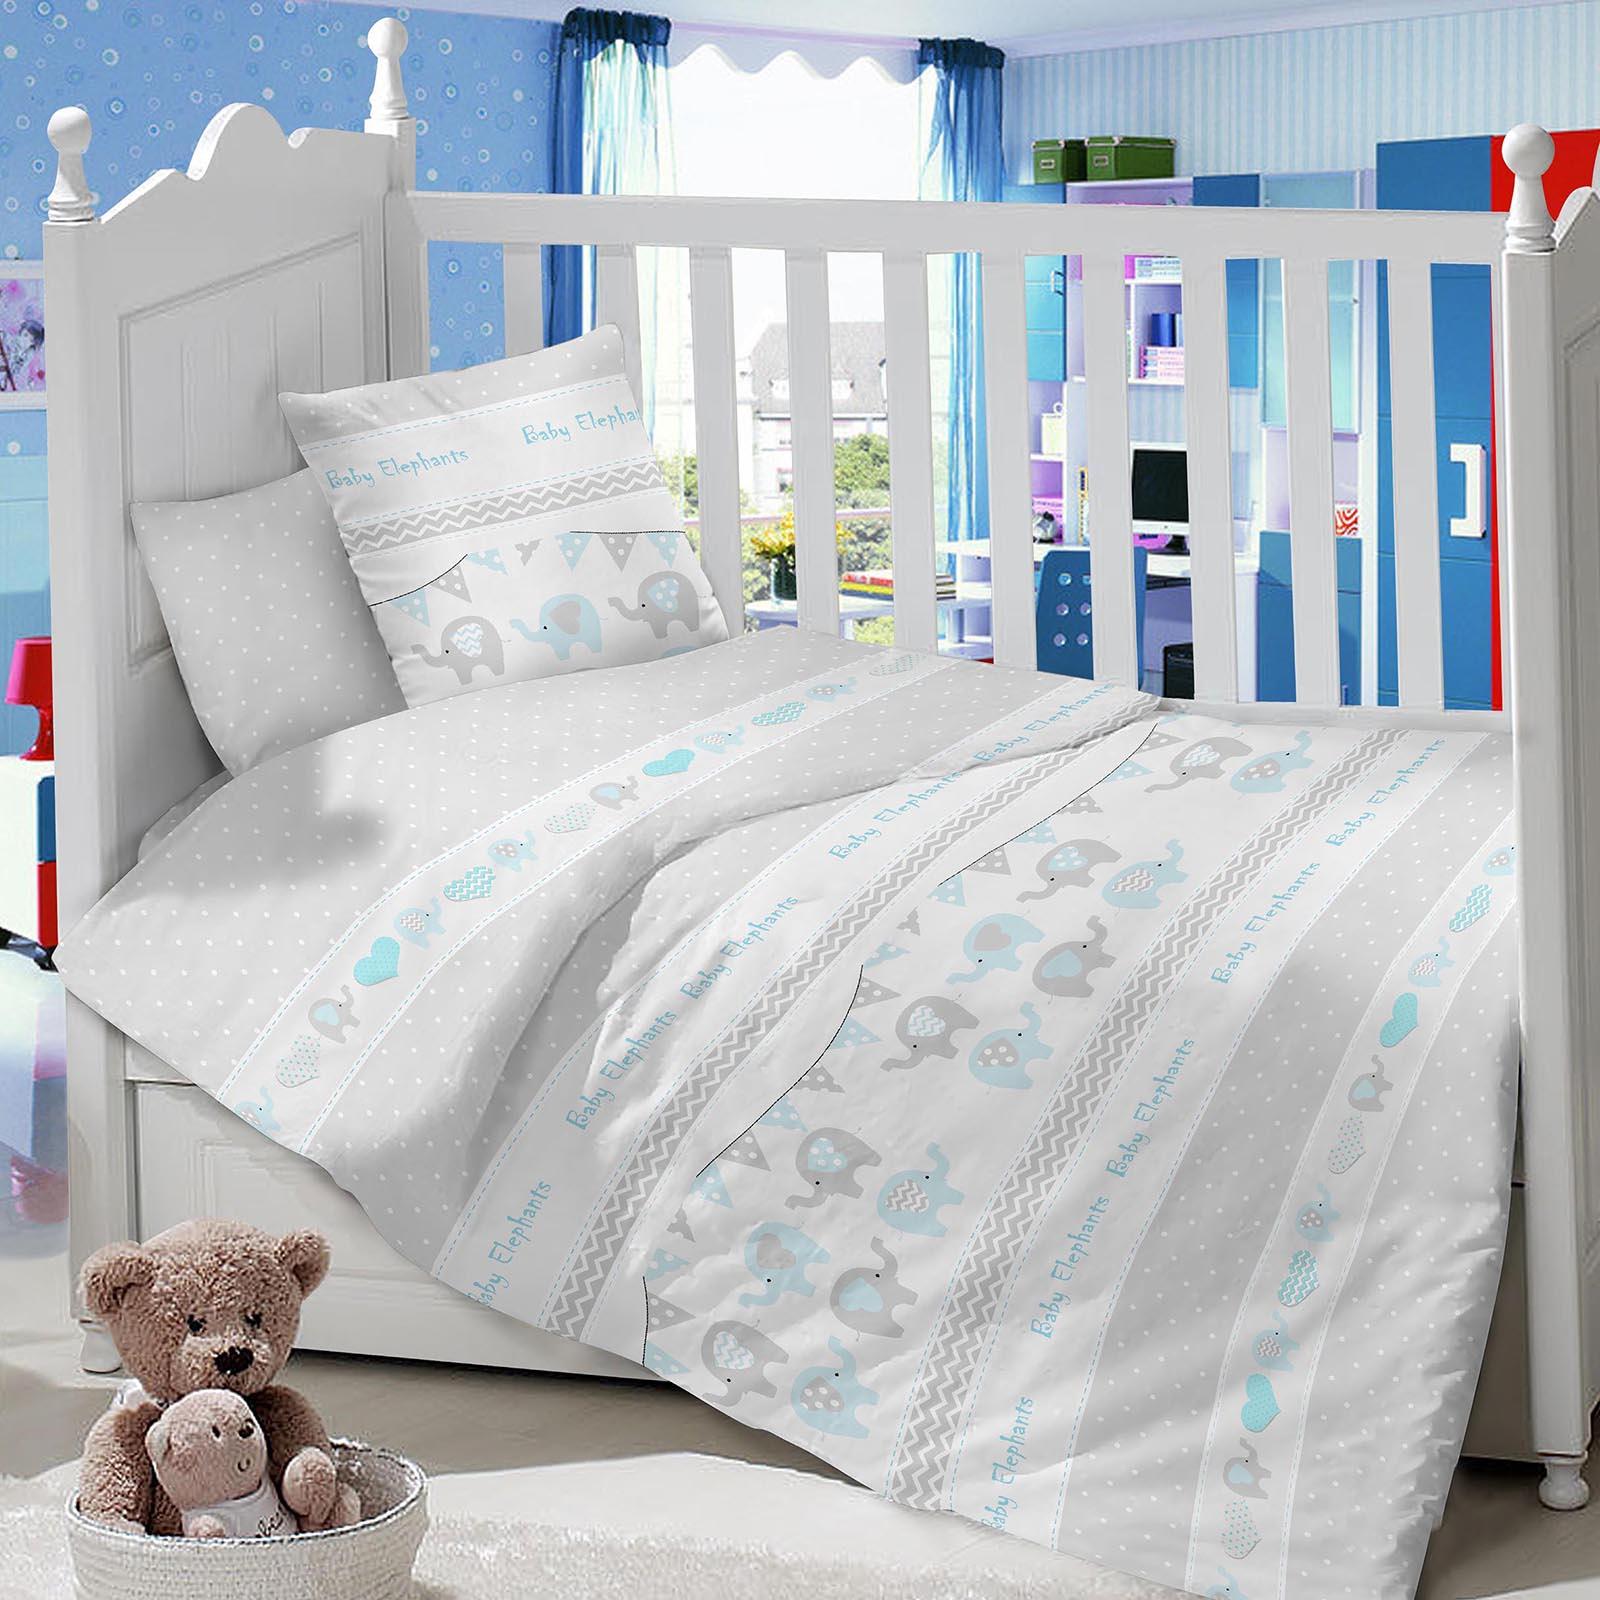 Комплект в кроватку LIMETIME Комплект в кроватку, простыня классическая, LT1100-20, серый